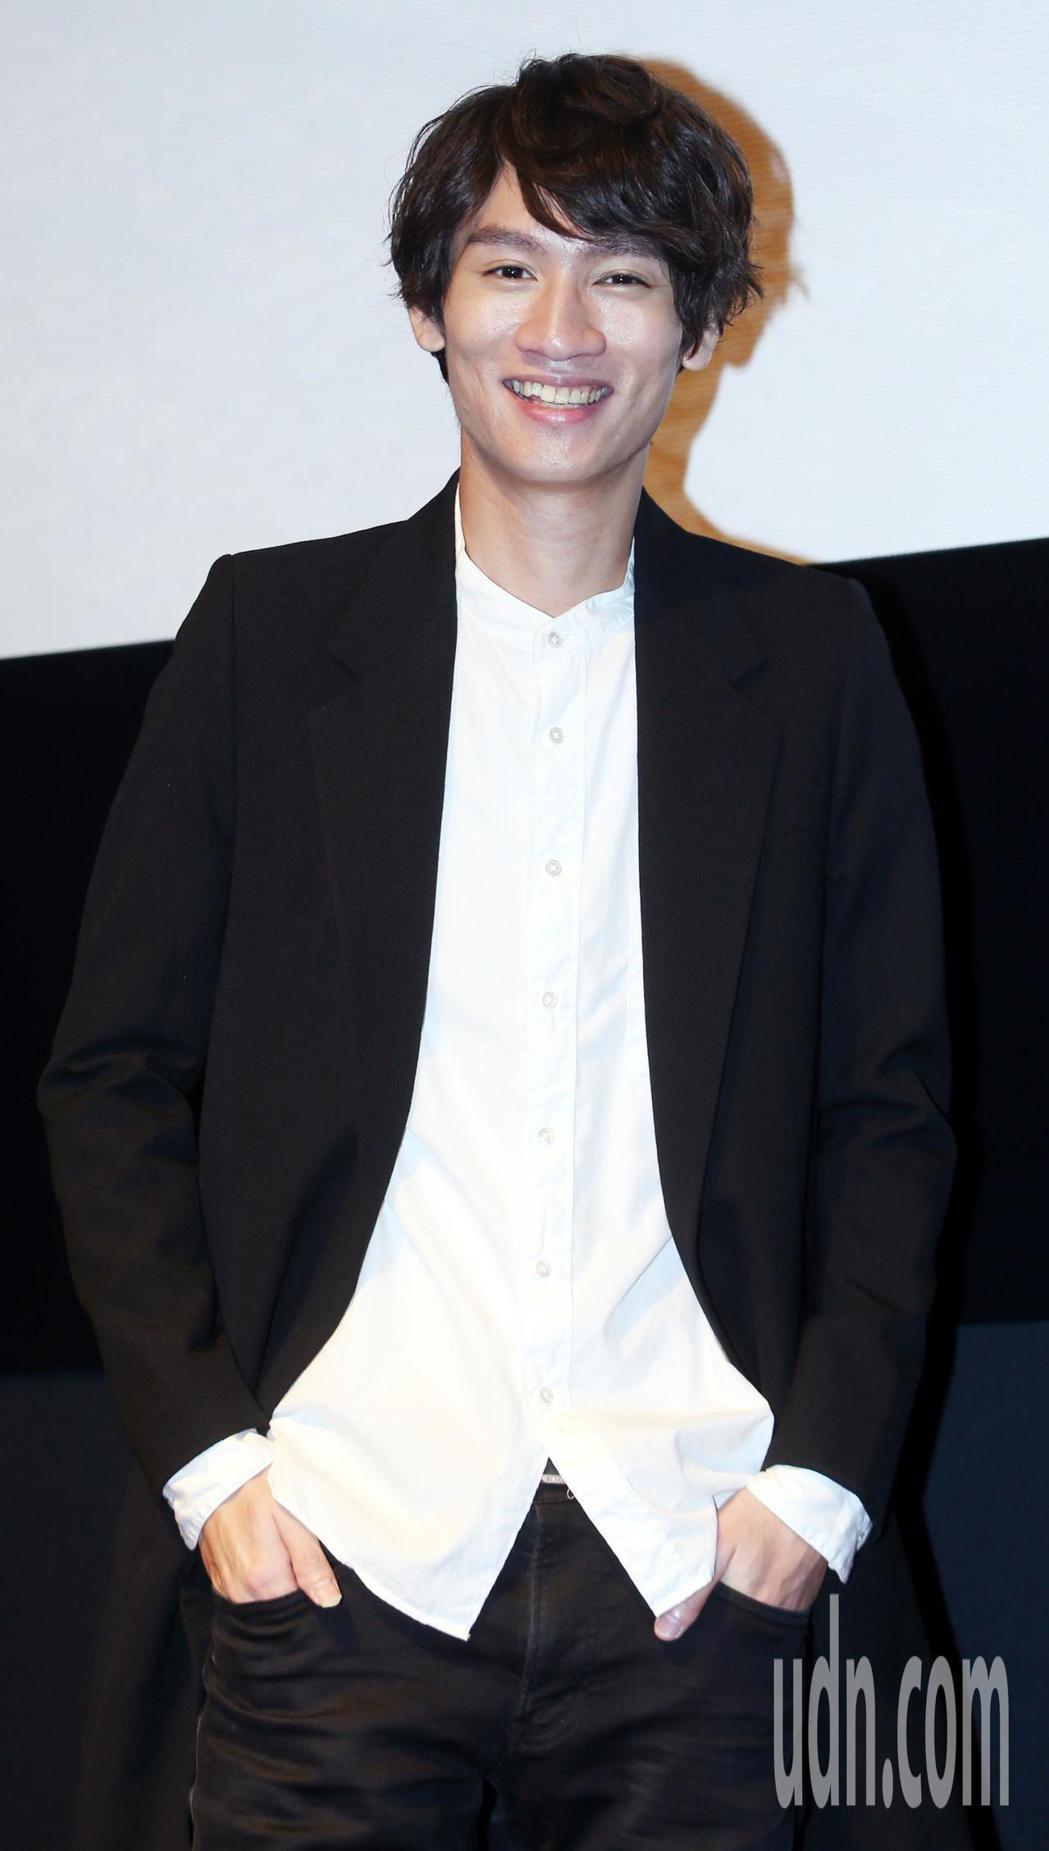 柯智棠於光點華山電影院舉行「吟遊」微電影特映會。記者侯永全/攝影